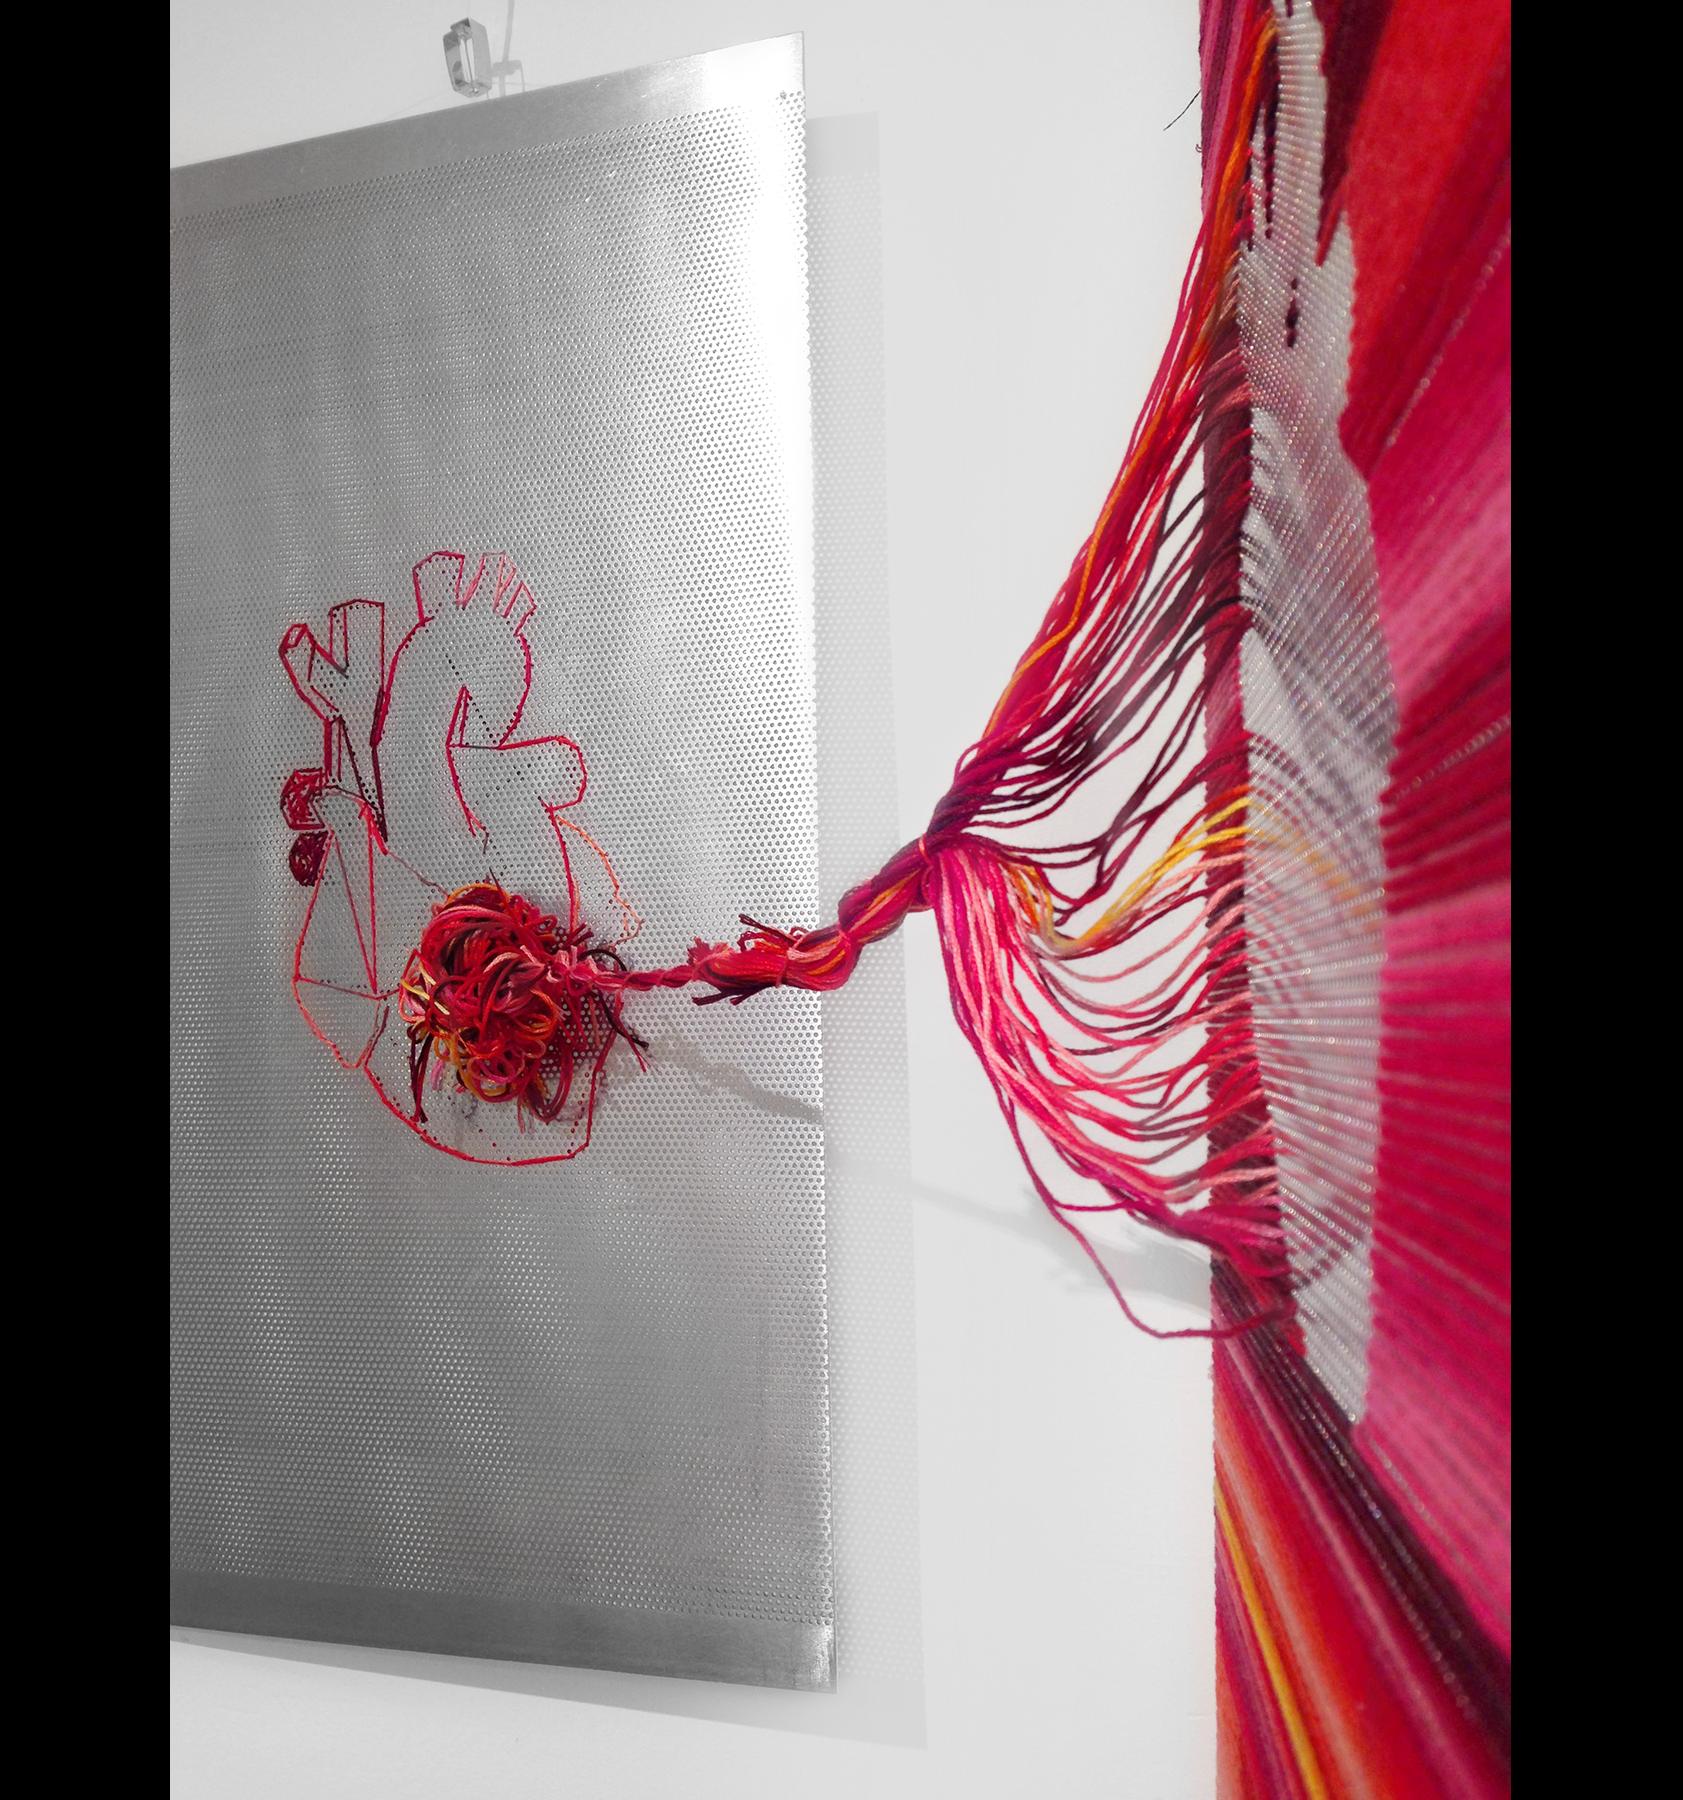 obra de arte escultura con hilo hecha por giselle vitali